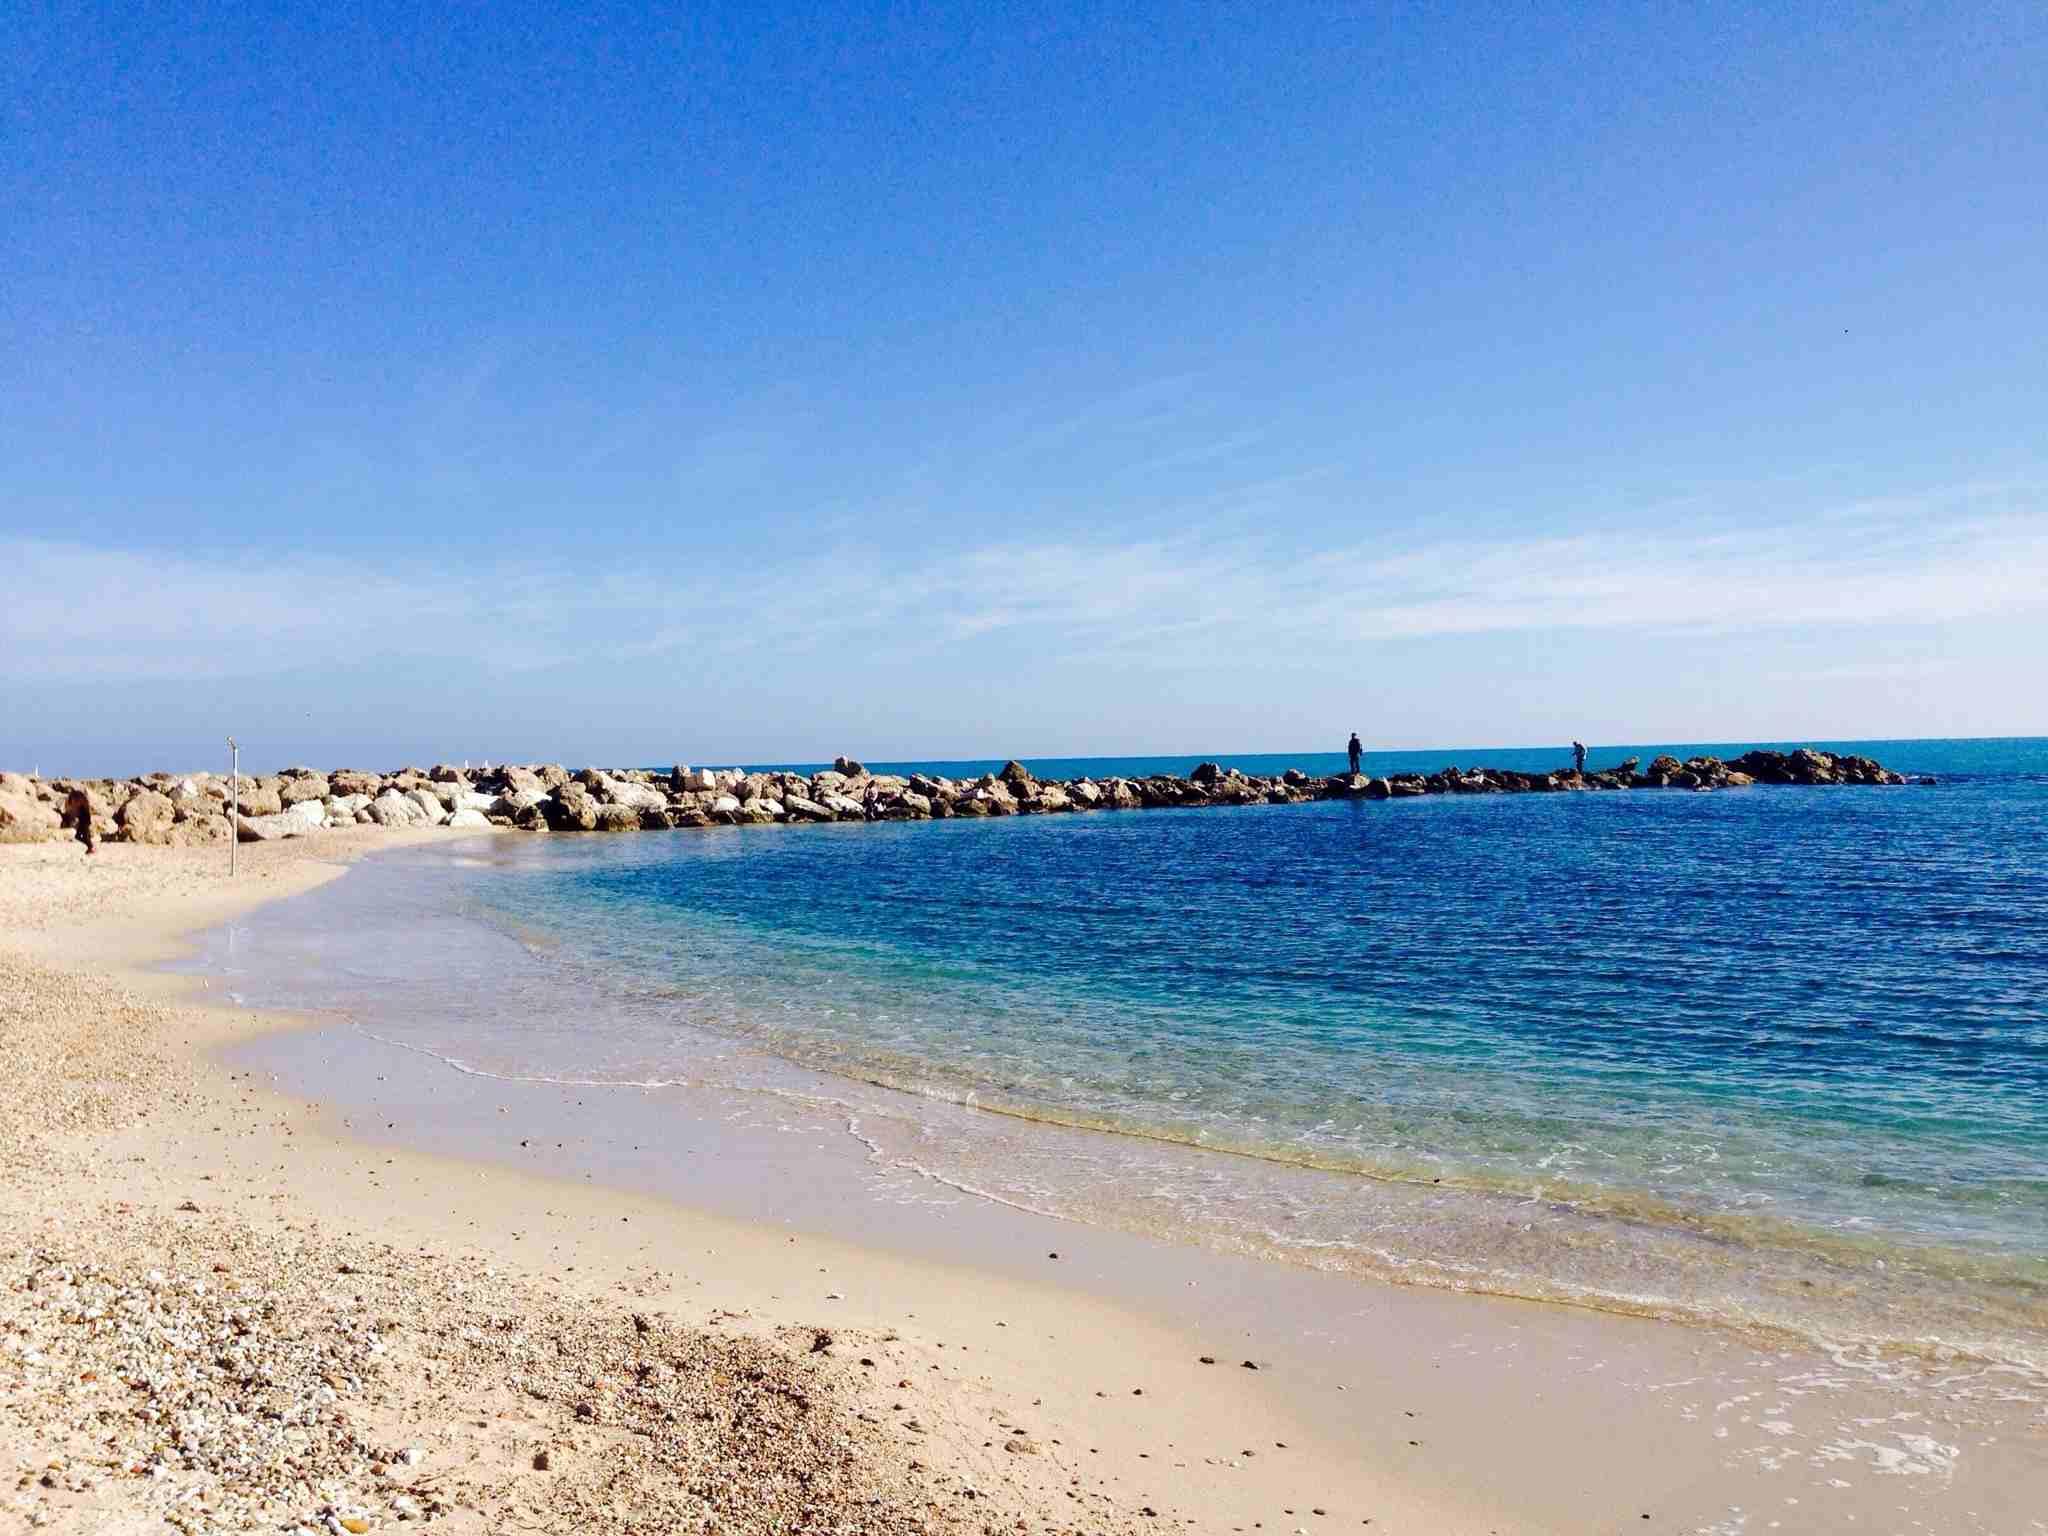 Beach in Cap d'Antibes, France